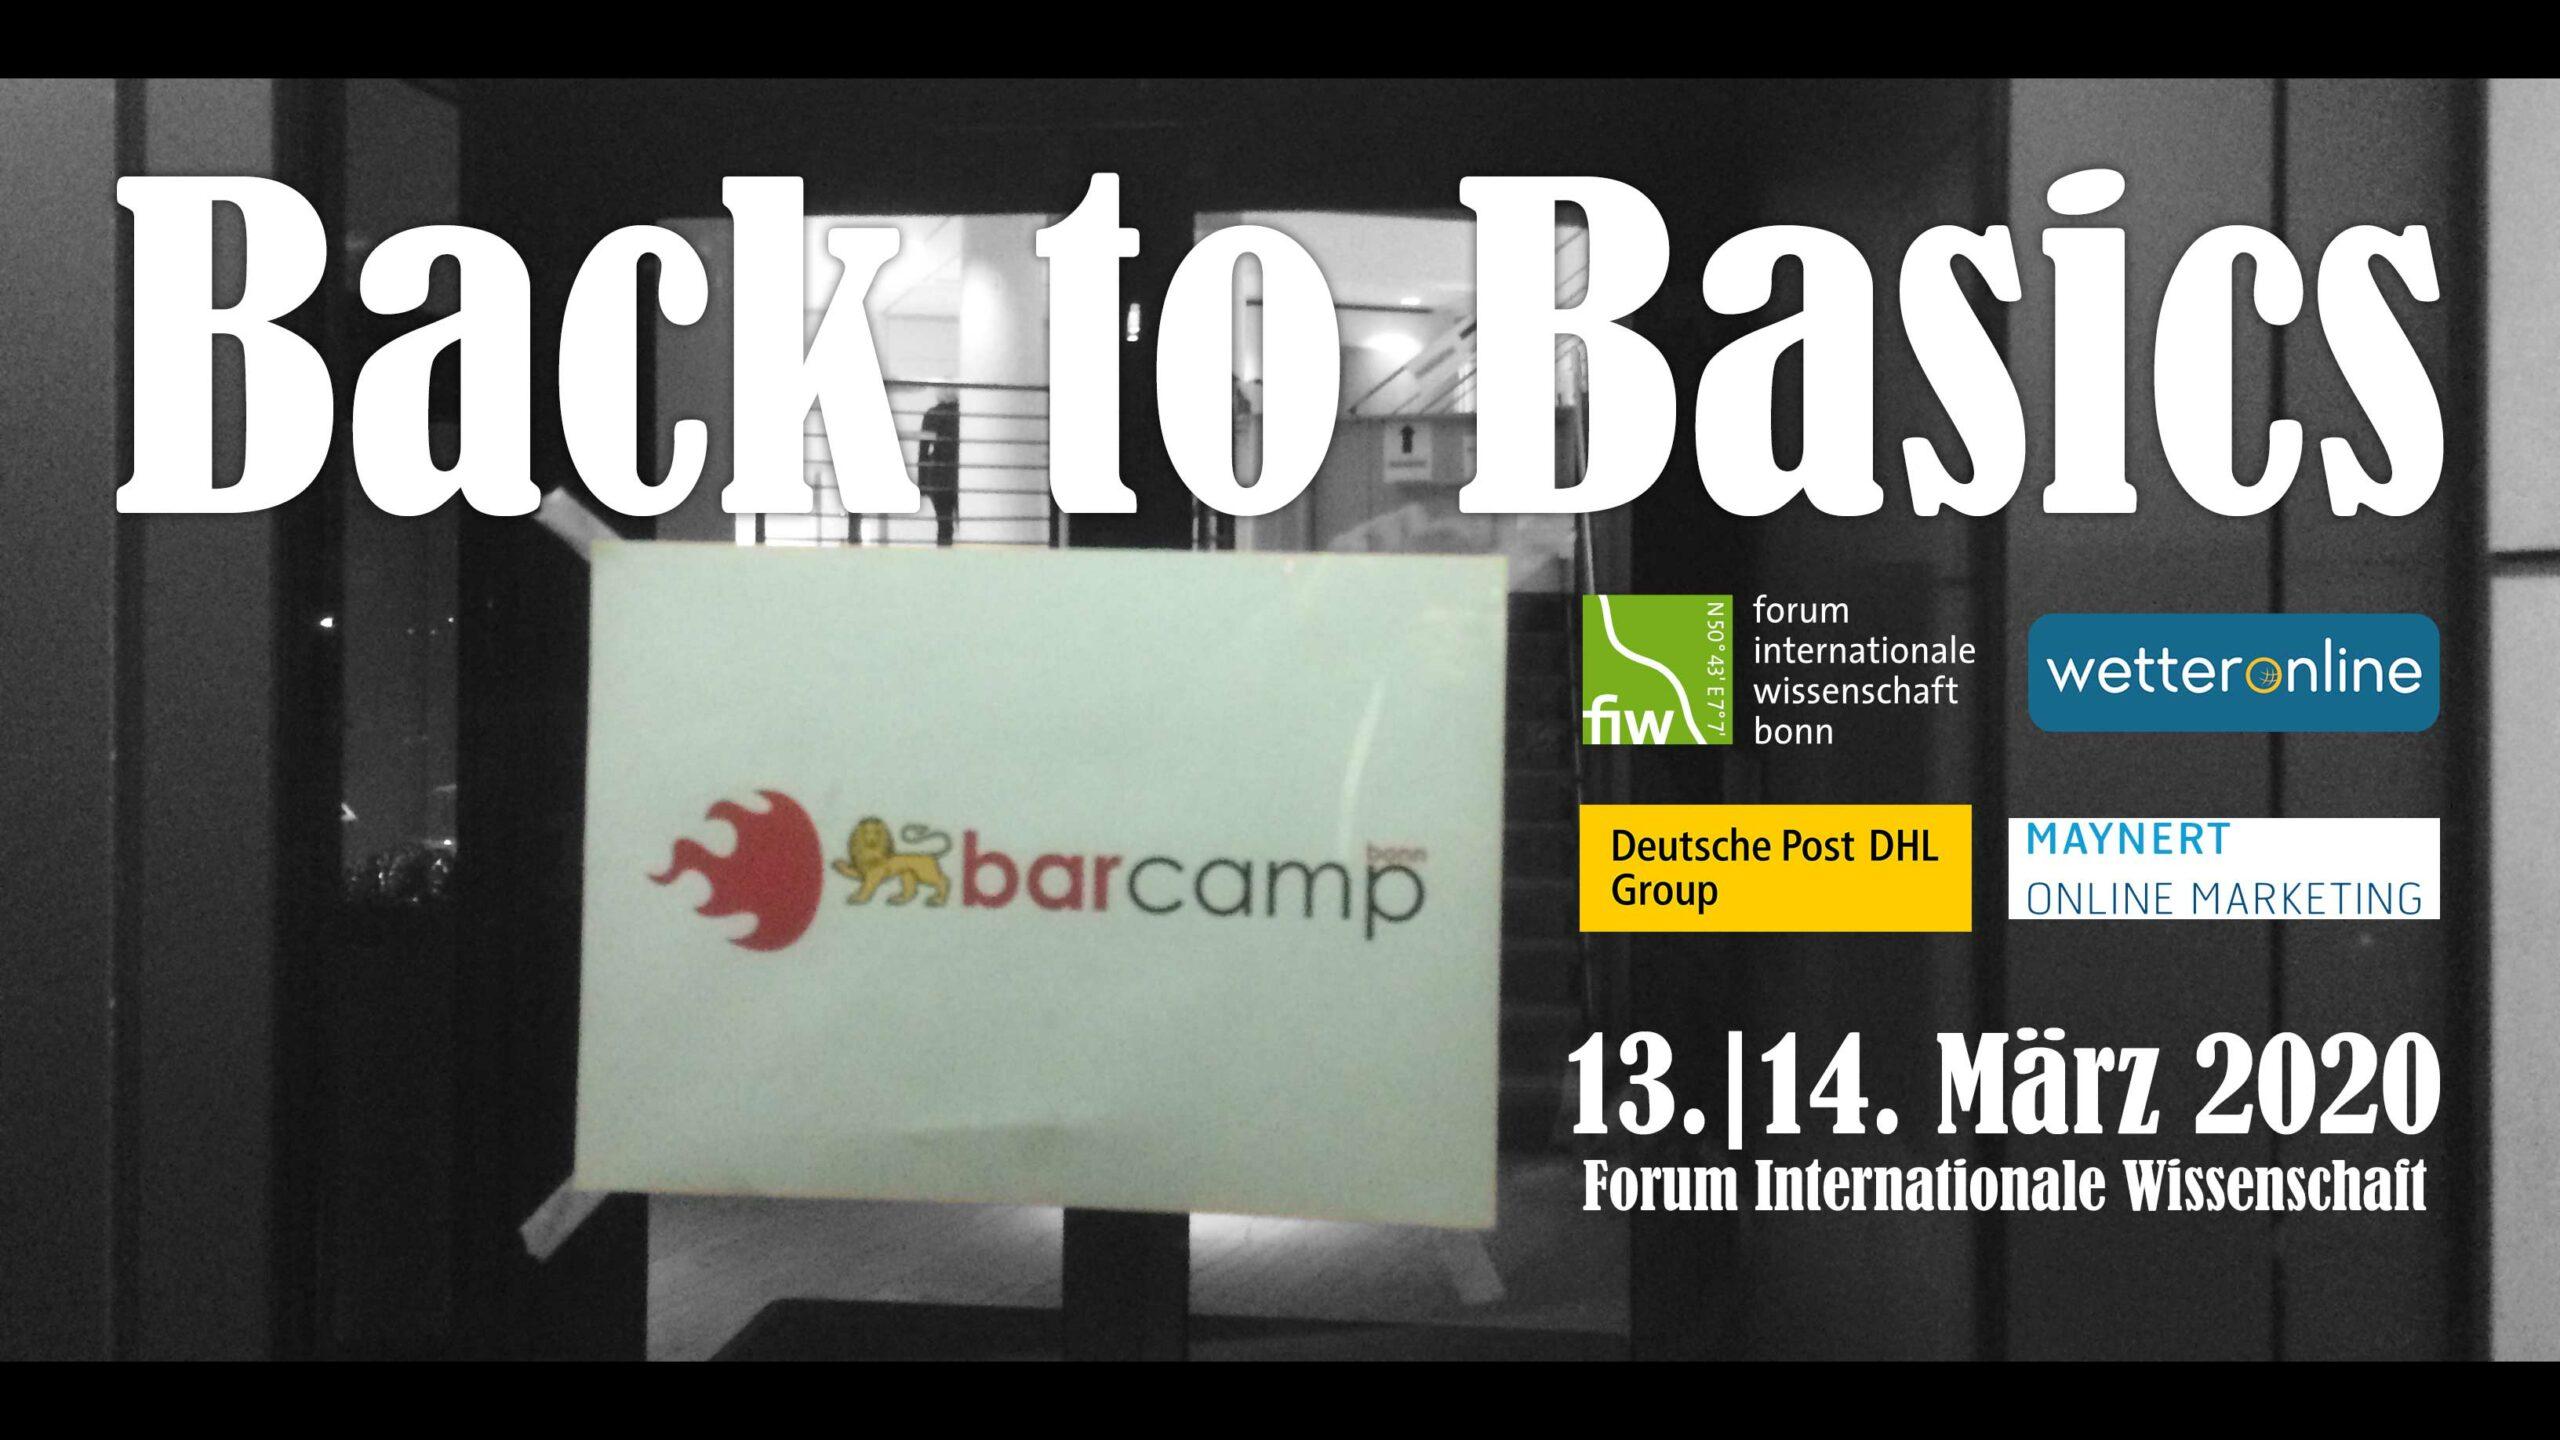 """Ein Banner mit dem Motto """"Back to Basics"""", Sponsorenlogos, Datum und Ort"""